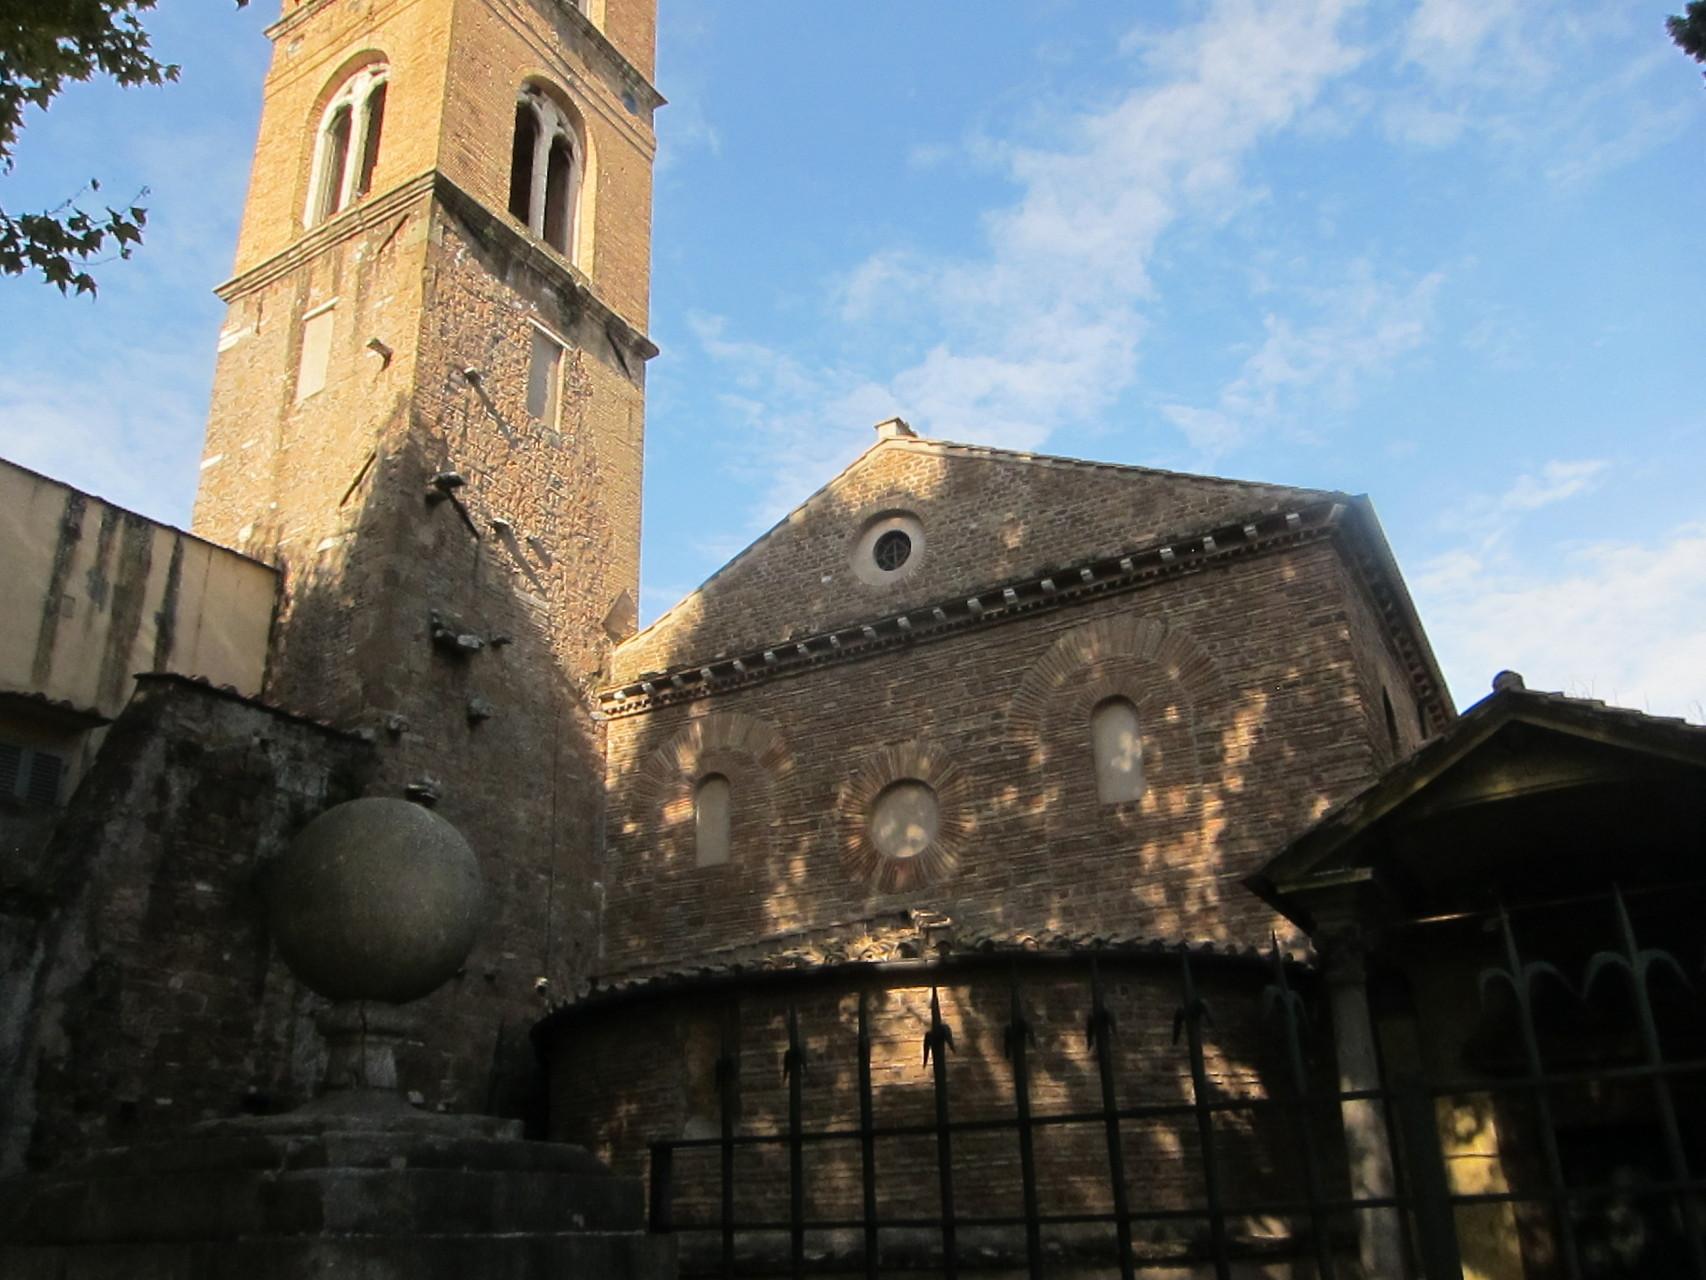 こちらは聖女アグネスの聖堂 サンタネーゼ聖堂